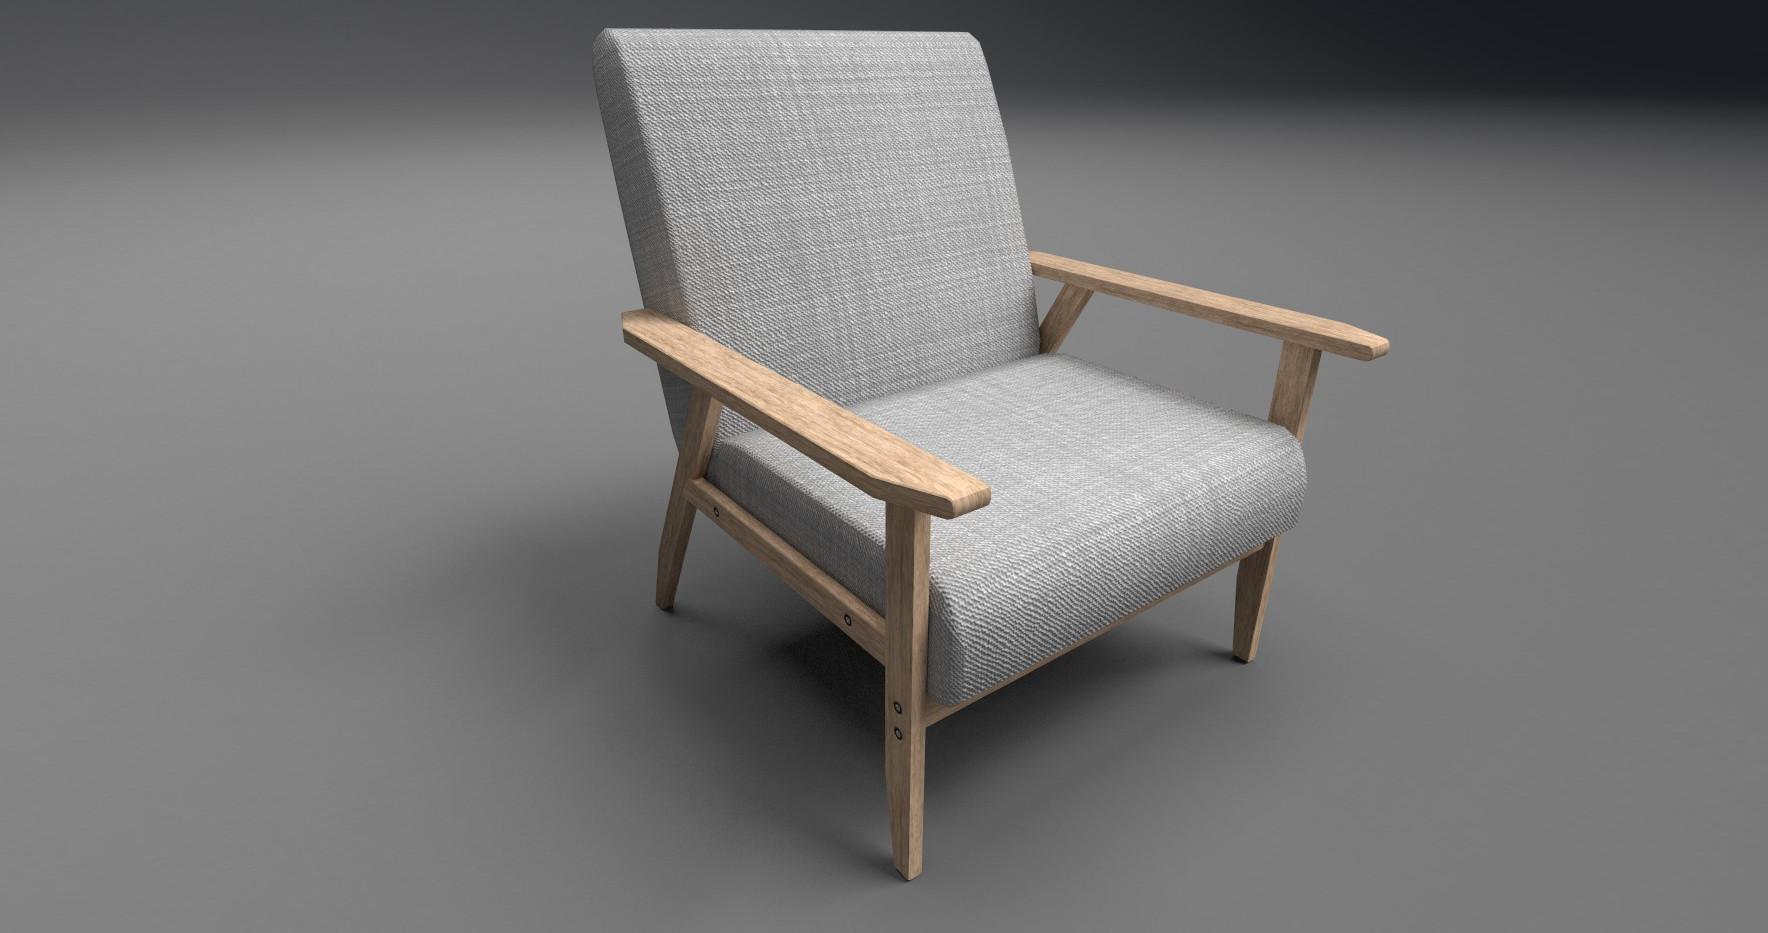 07_Upholstered Timber Chair.jpg